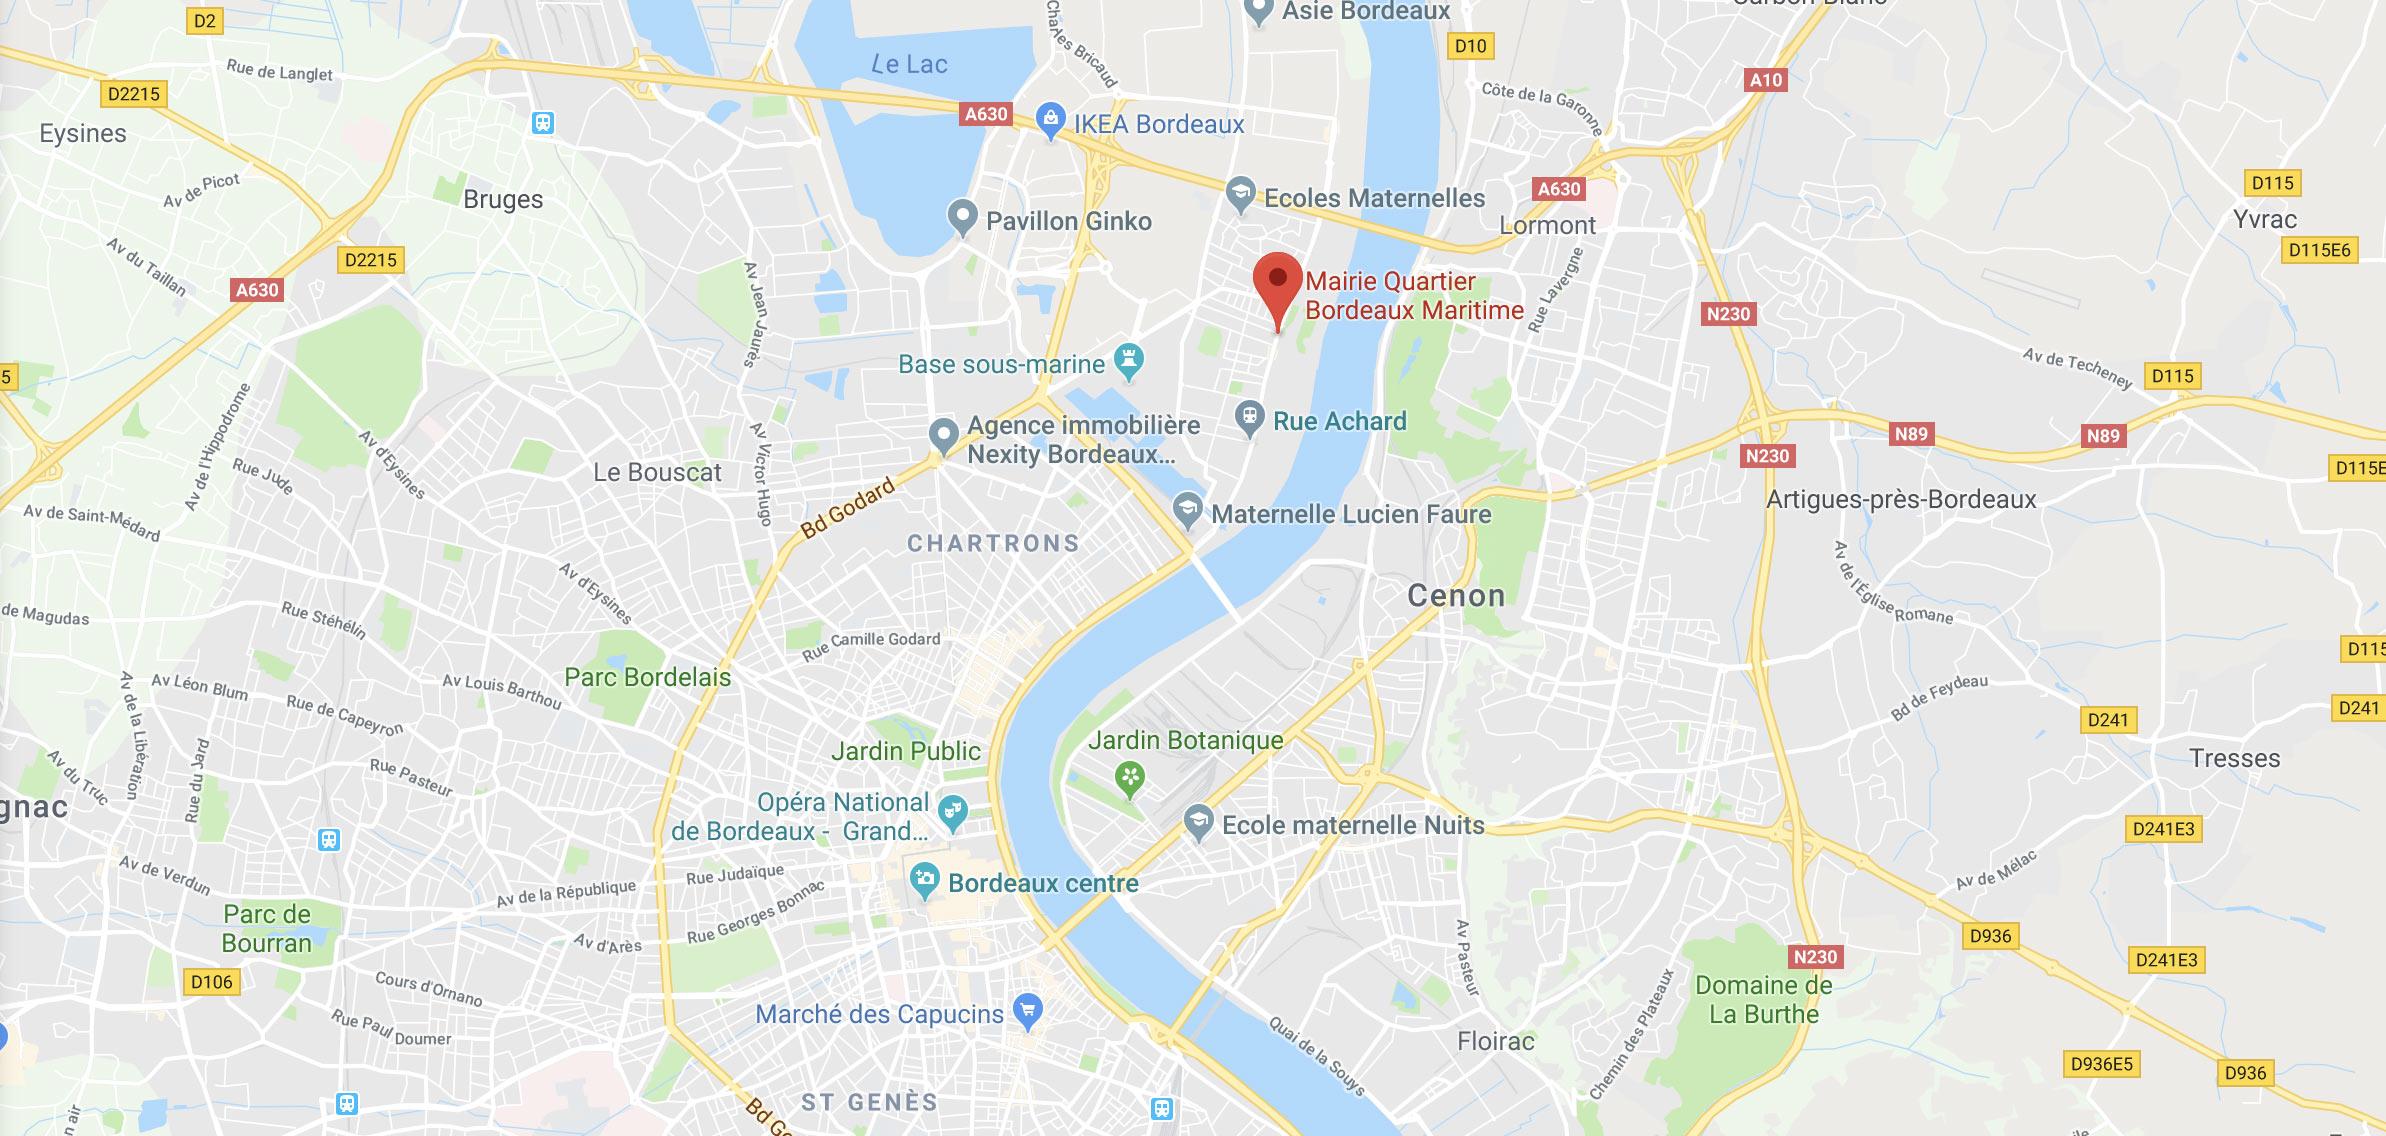 Immobilier quartier Bordeaux maritime : Bordeaux Lac, Bacalan, Bassin à flots, Ginko